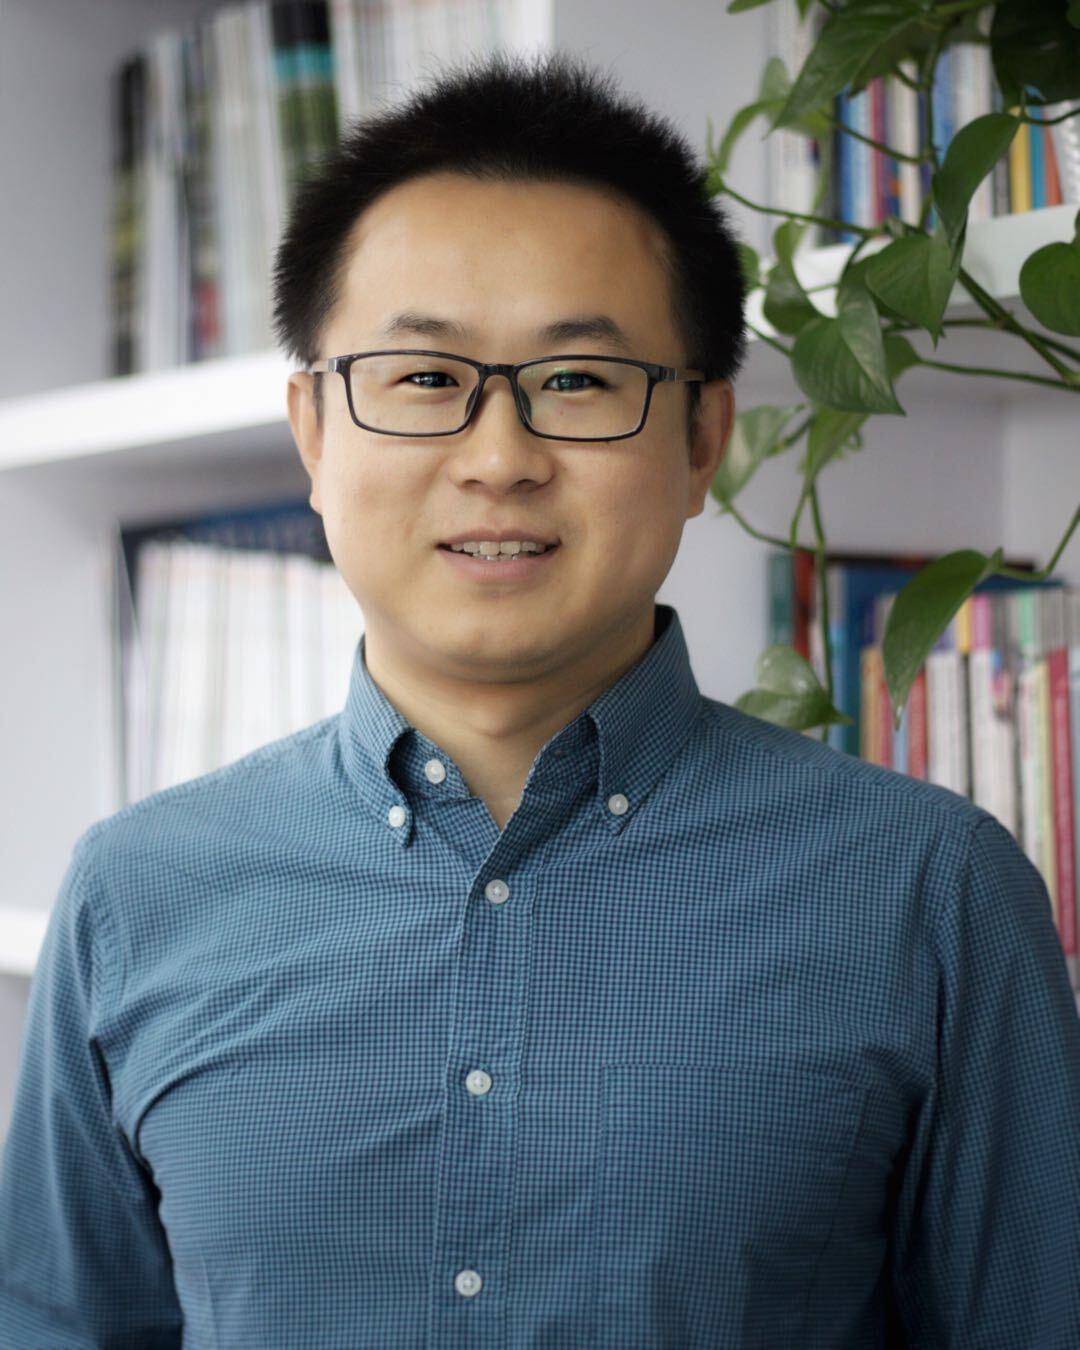 Andy Sang